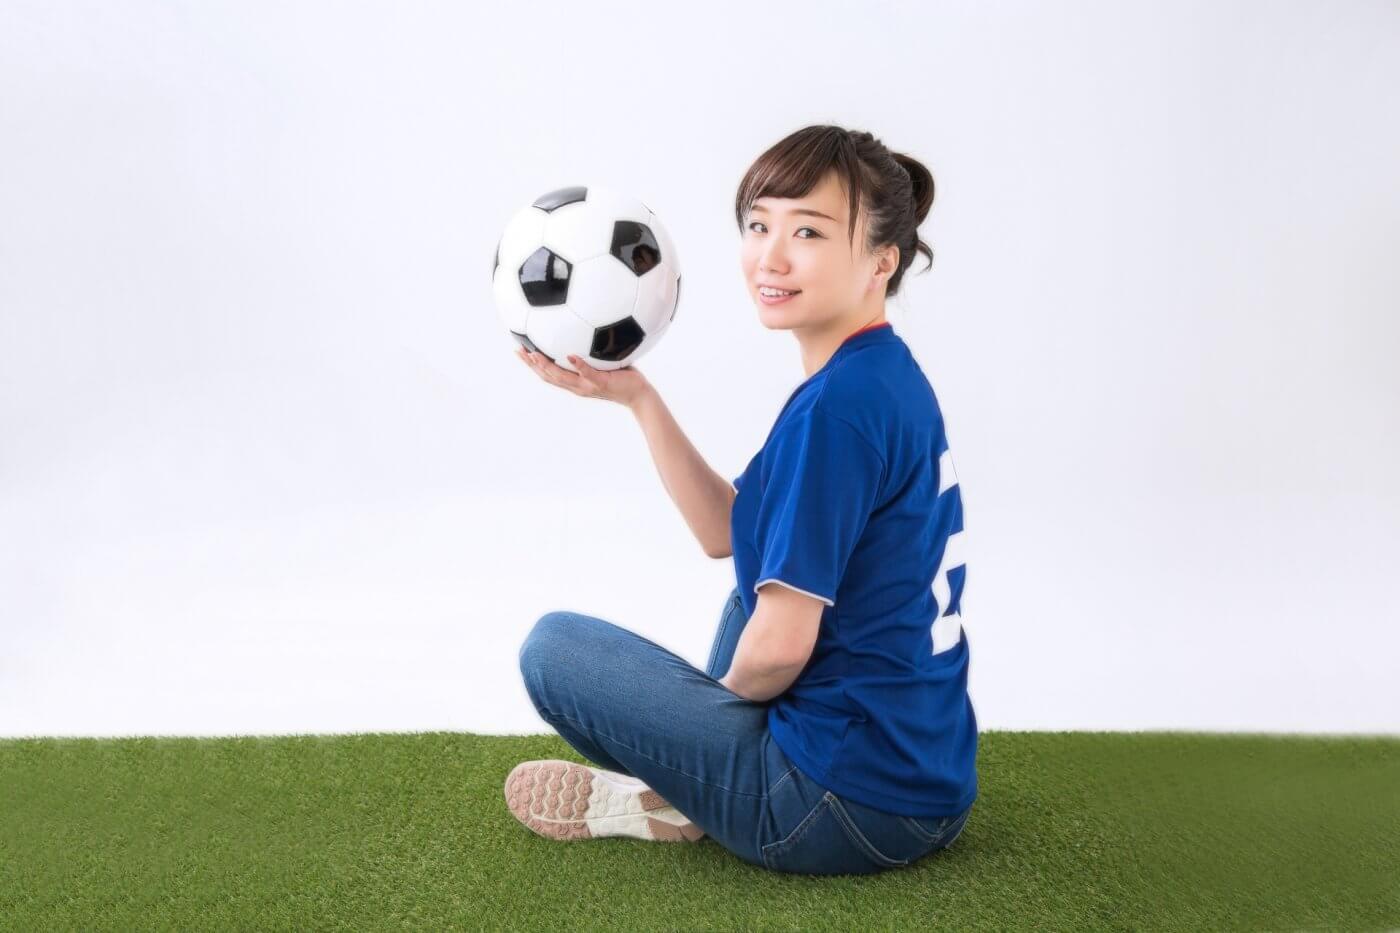 【豆知識】サッカーの日本代表の背番号は誰が決めているの?歴代のエースナンバー10は誰が着けたの?